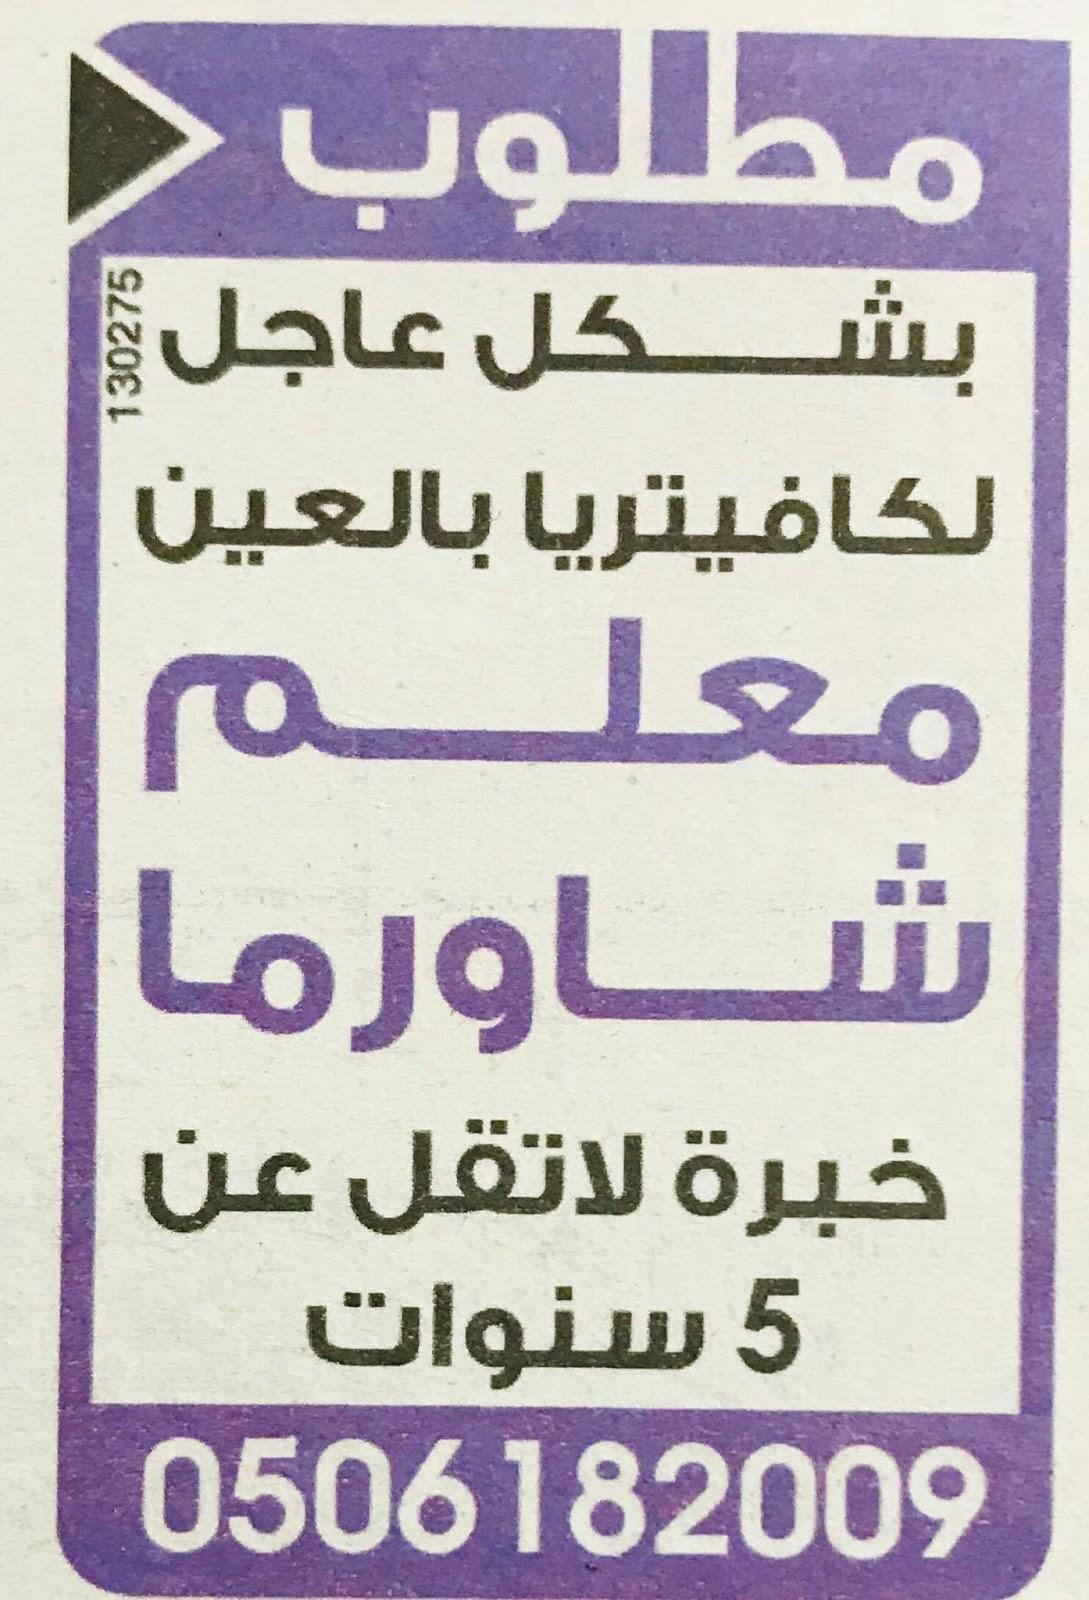 دليل الاتحاد باللغة العربية